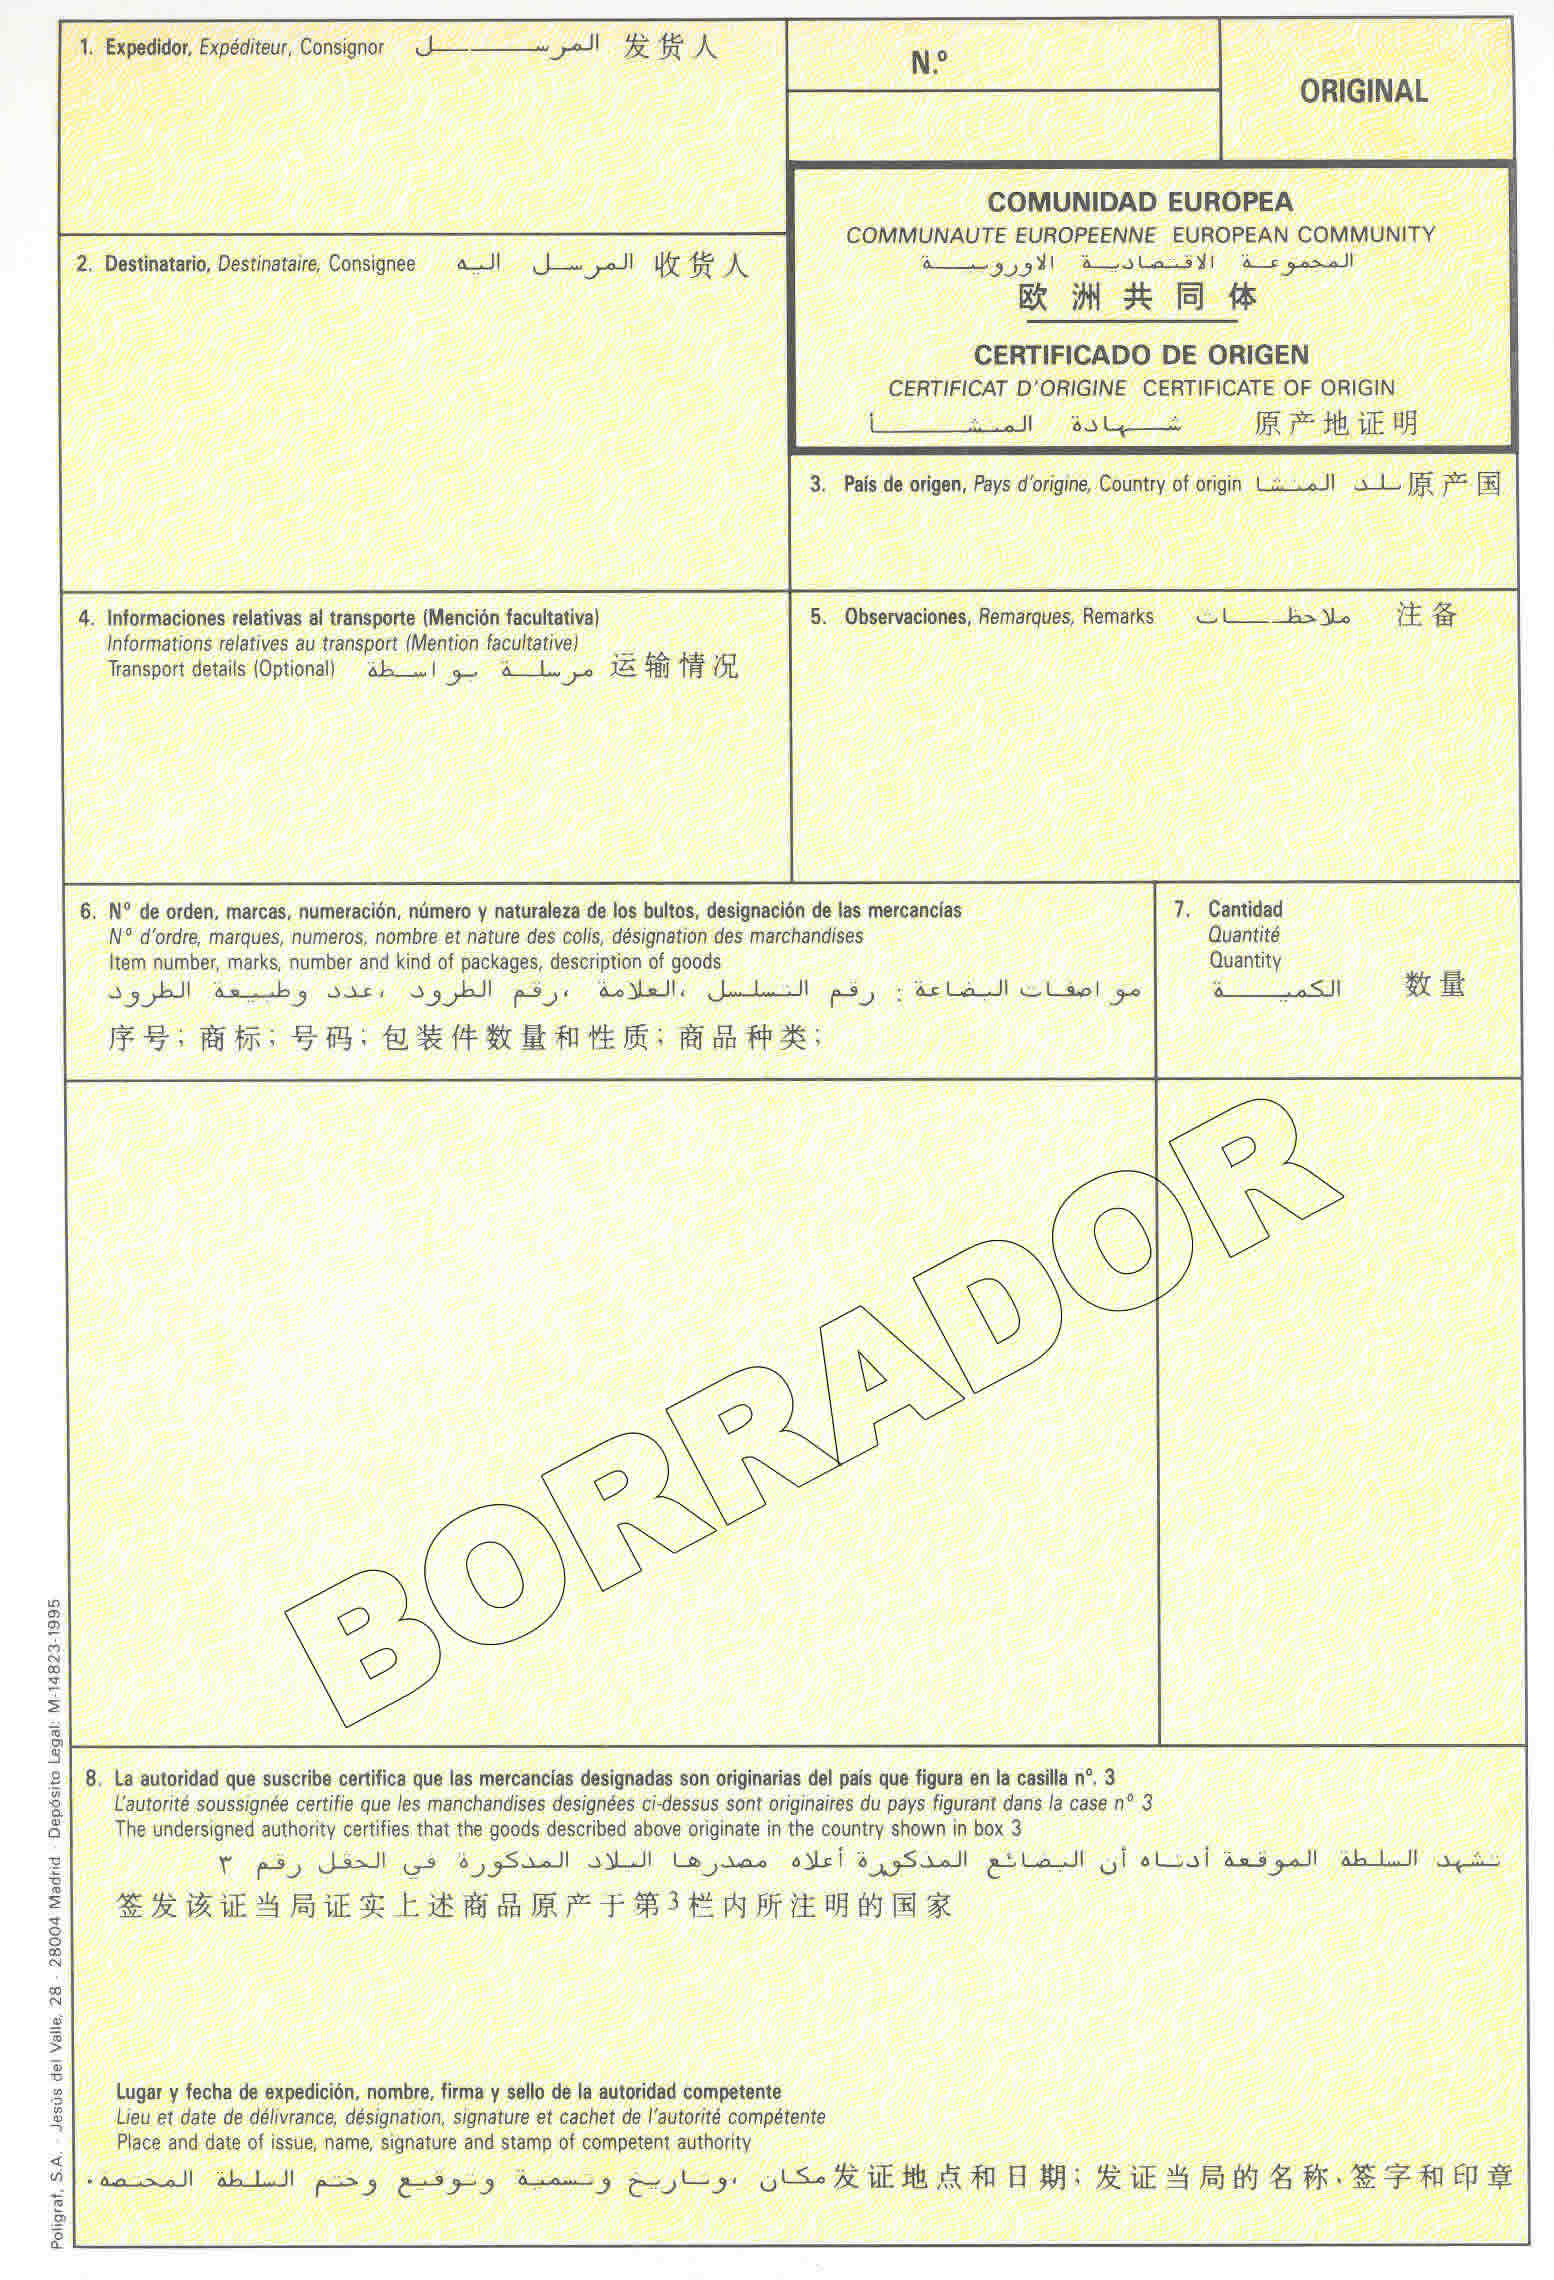 formato certificado origen: